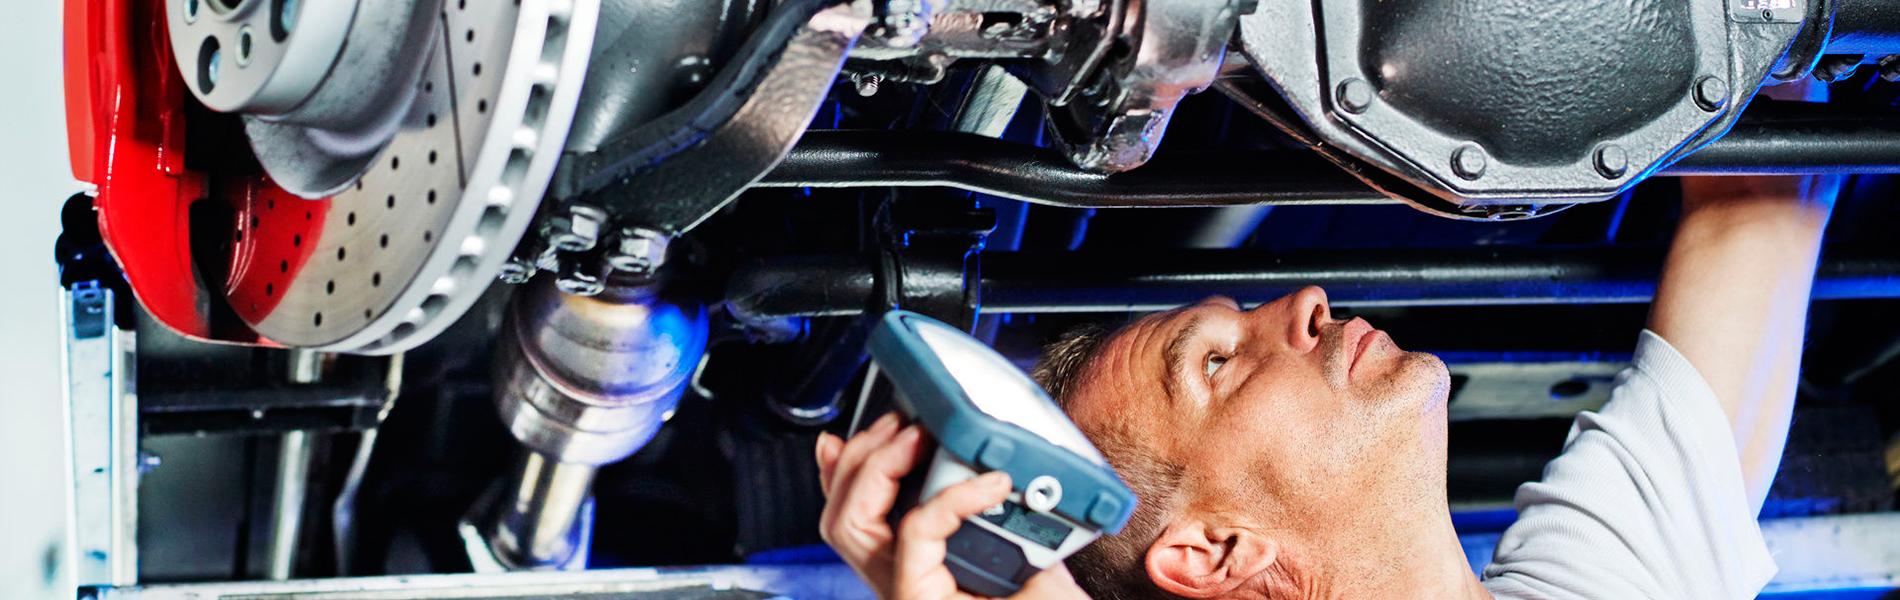 Лучшего автосервис Хабаровска: ремонт ходовой части, компьютерная диагностика и многое другое по недорогим ценам.